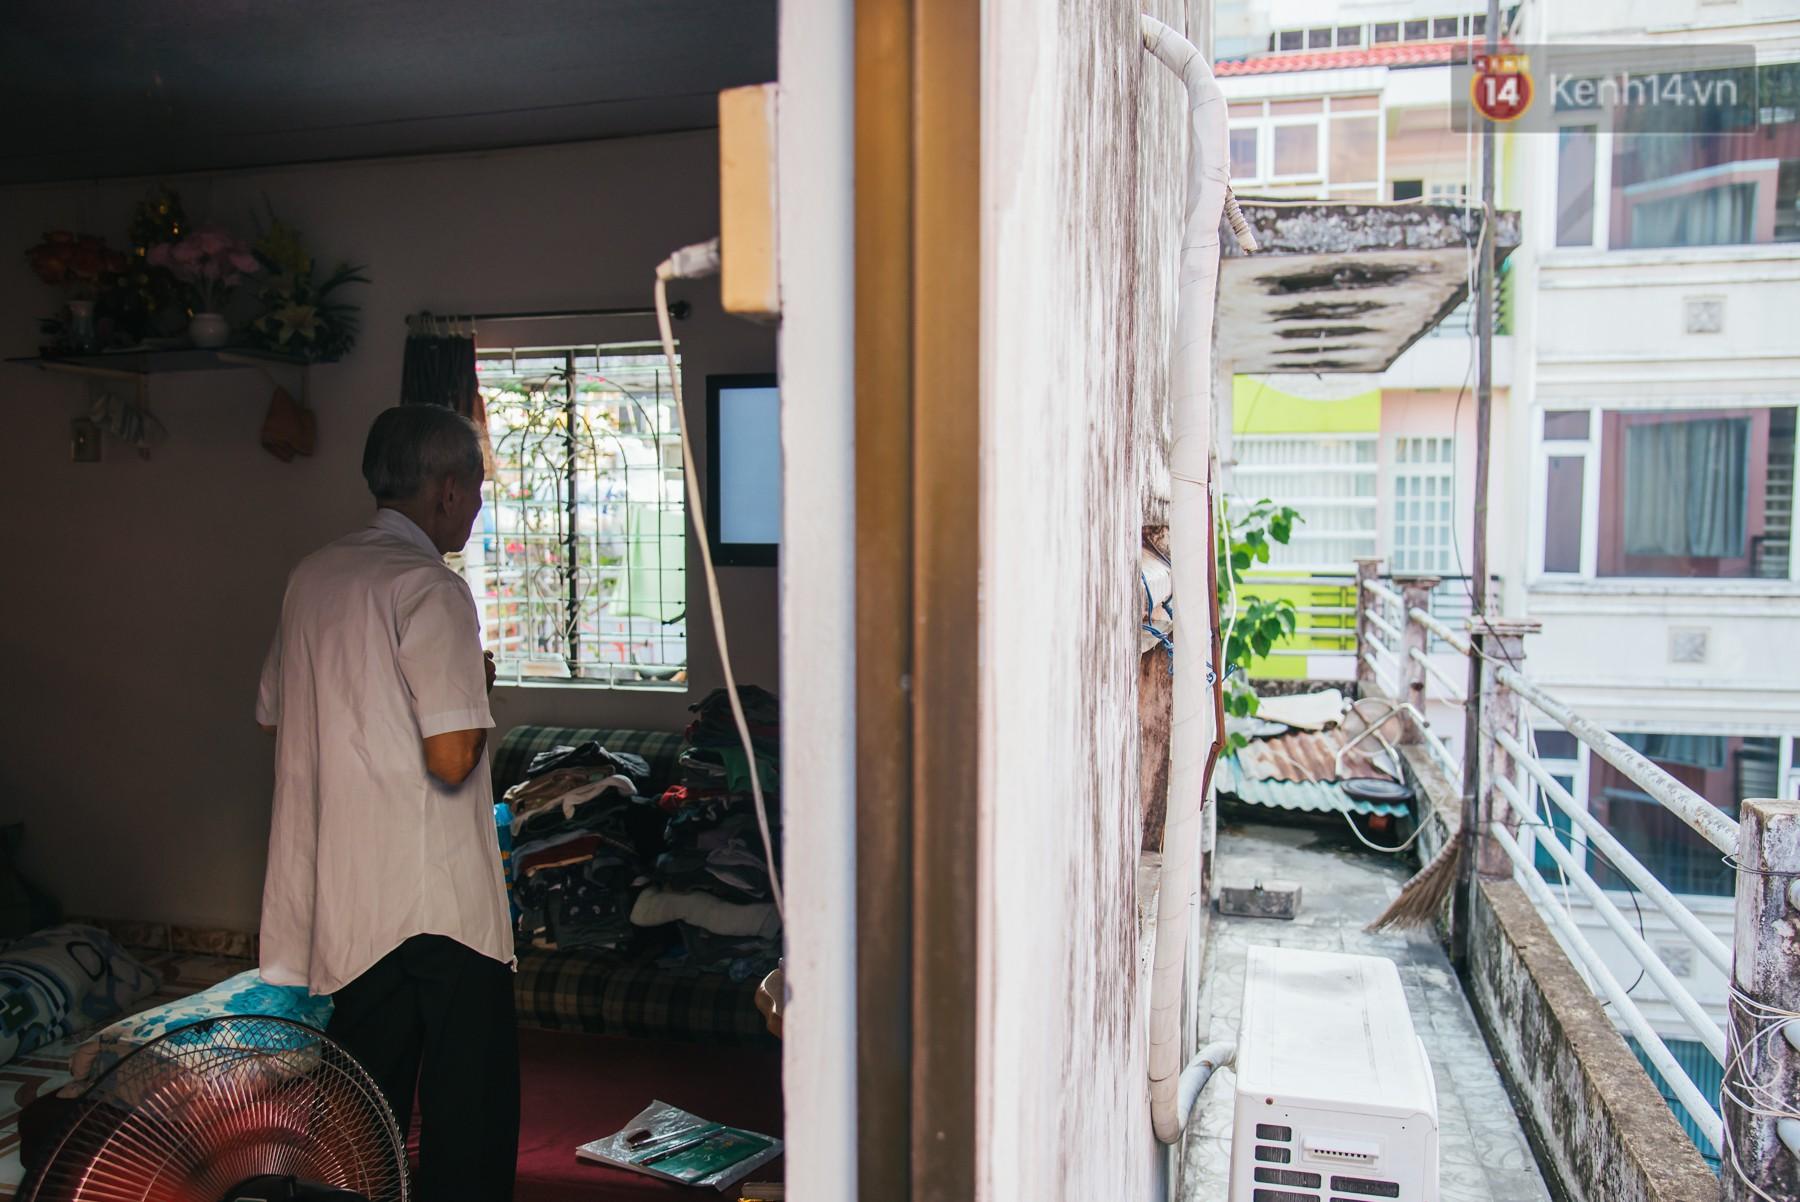 Chuyện ông cụ 77 tuổi ngồi ở thư viện Sài Gòn từ sáng đến tối mịt: Ăn cơm từ thiện, luyện học tiếng Anh - Ảnh 12.